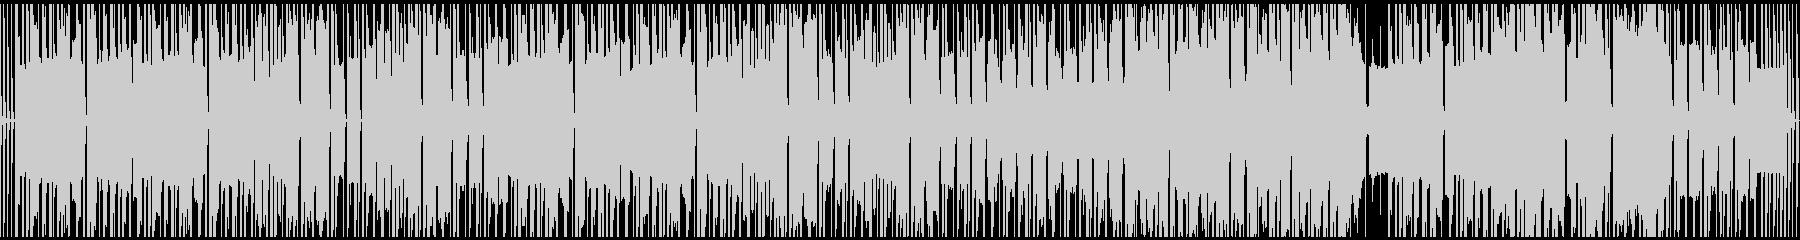 ループ仕様、気だるい、ほのぼのBGMの未再生の波形